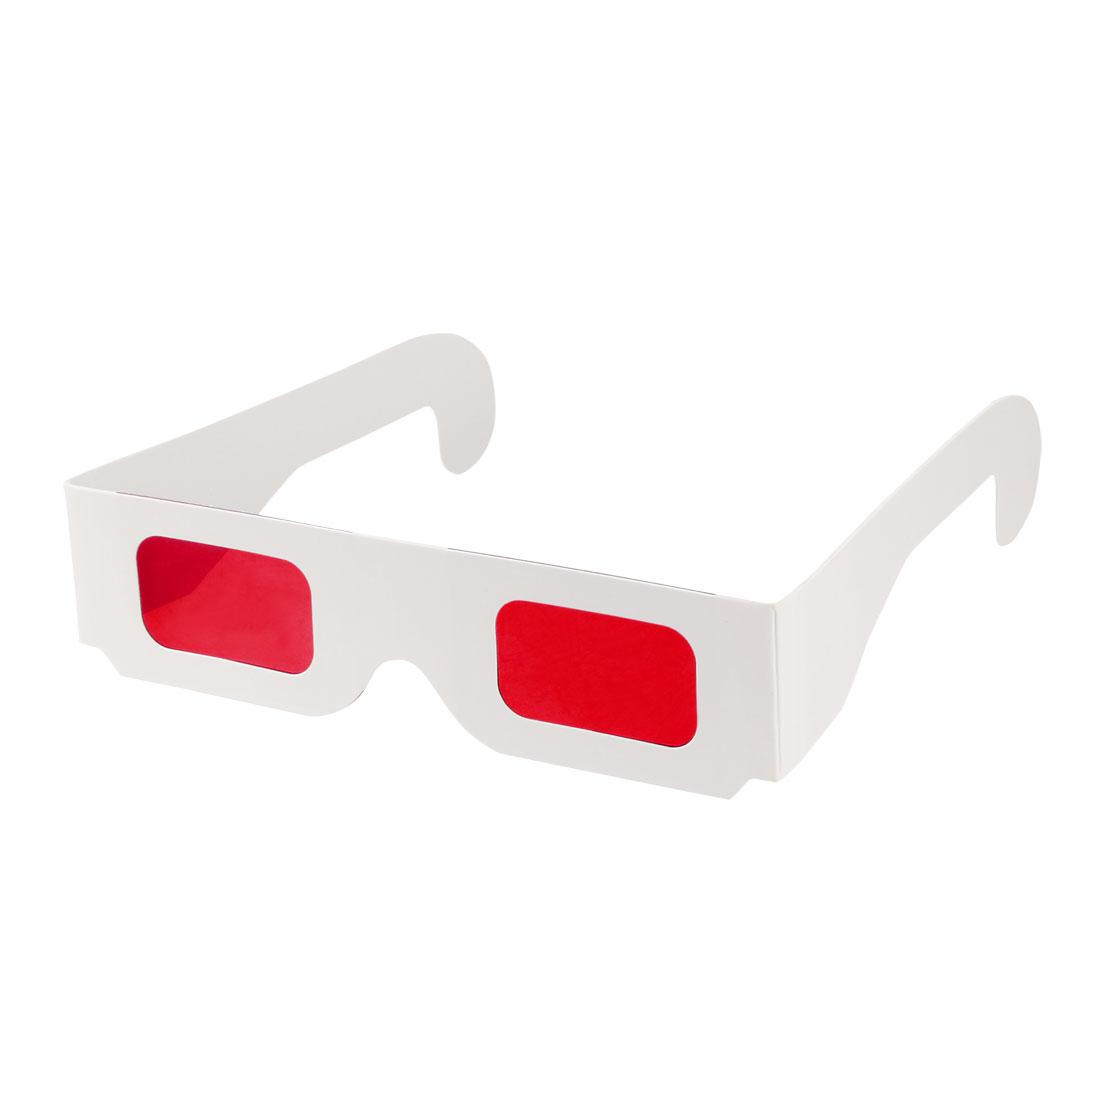 Secret Decoder Glasses Red-Red Filter Lens White Foldable Frame 3D Glasses 10pcs